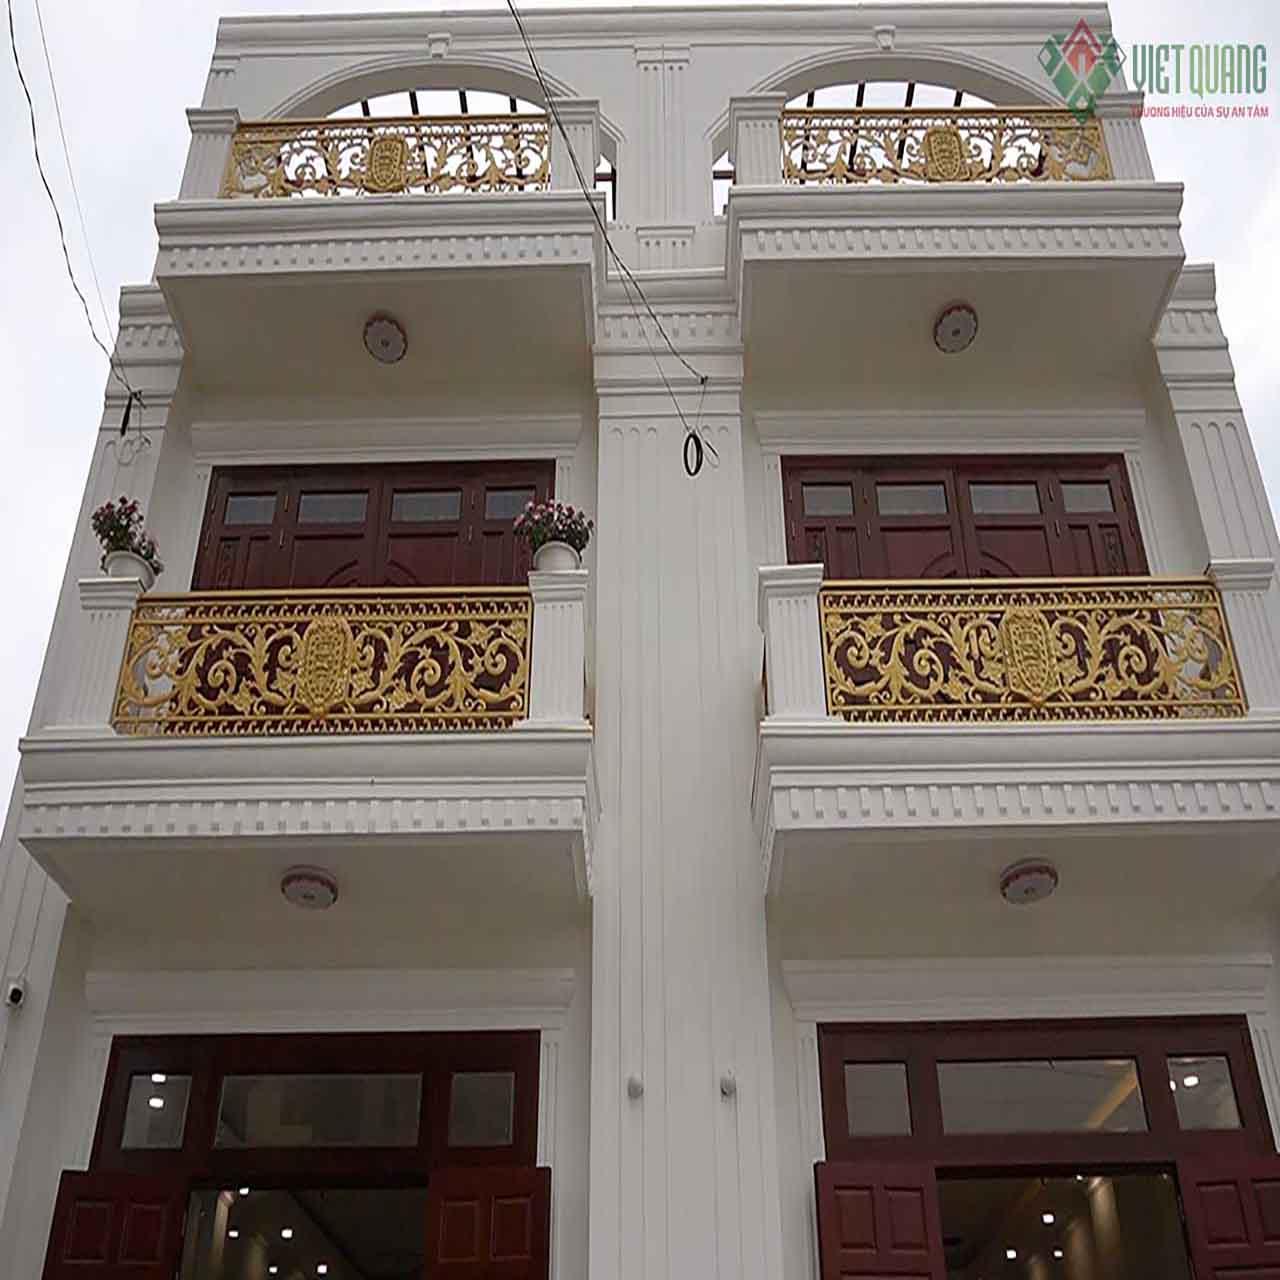 Thiết kế và thi công xây dựng 02 ngôi nhà phố 3 tầng kế nhau của gia đình anh Lương - Bình Chánh